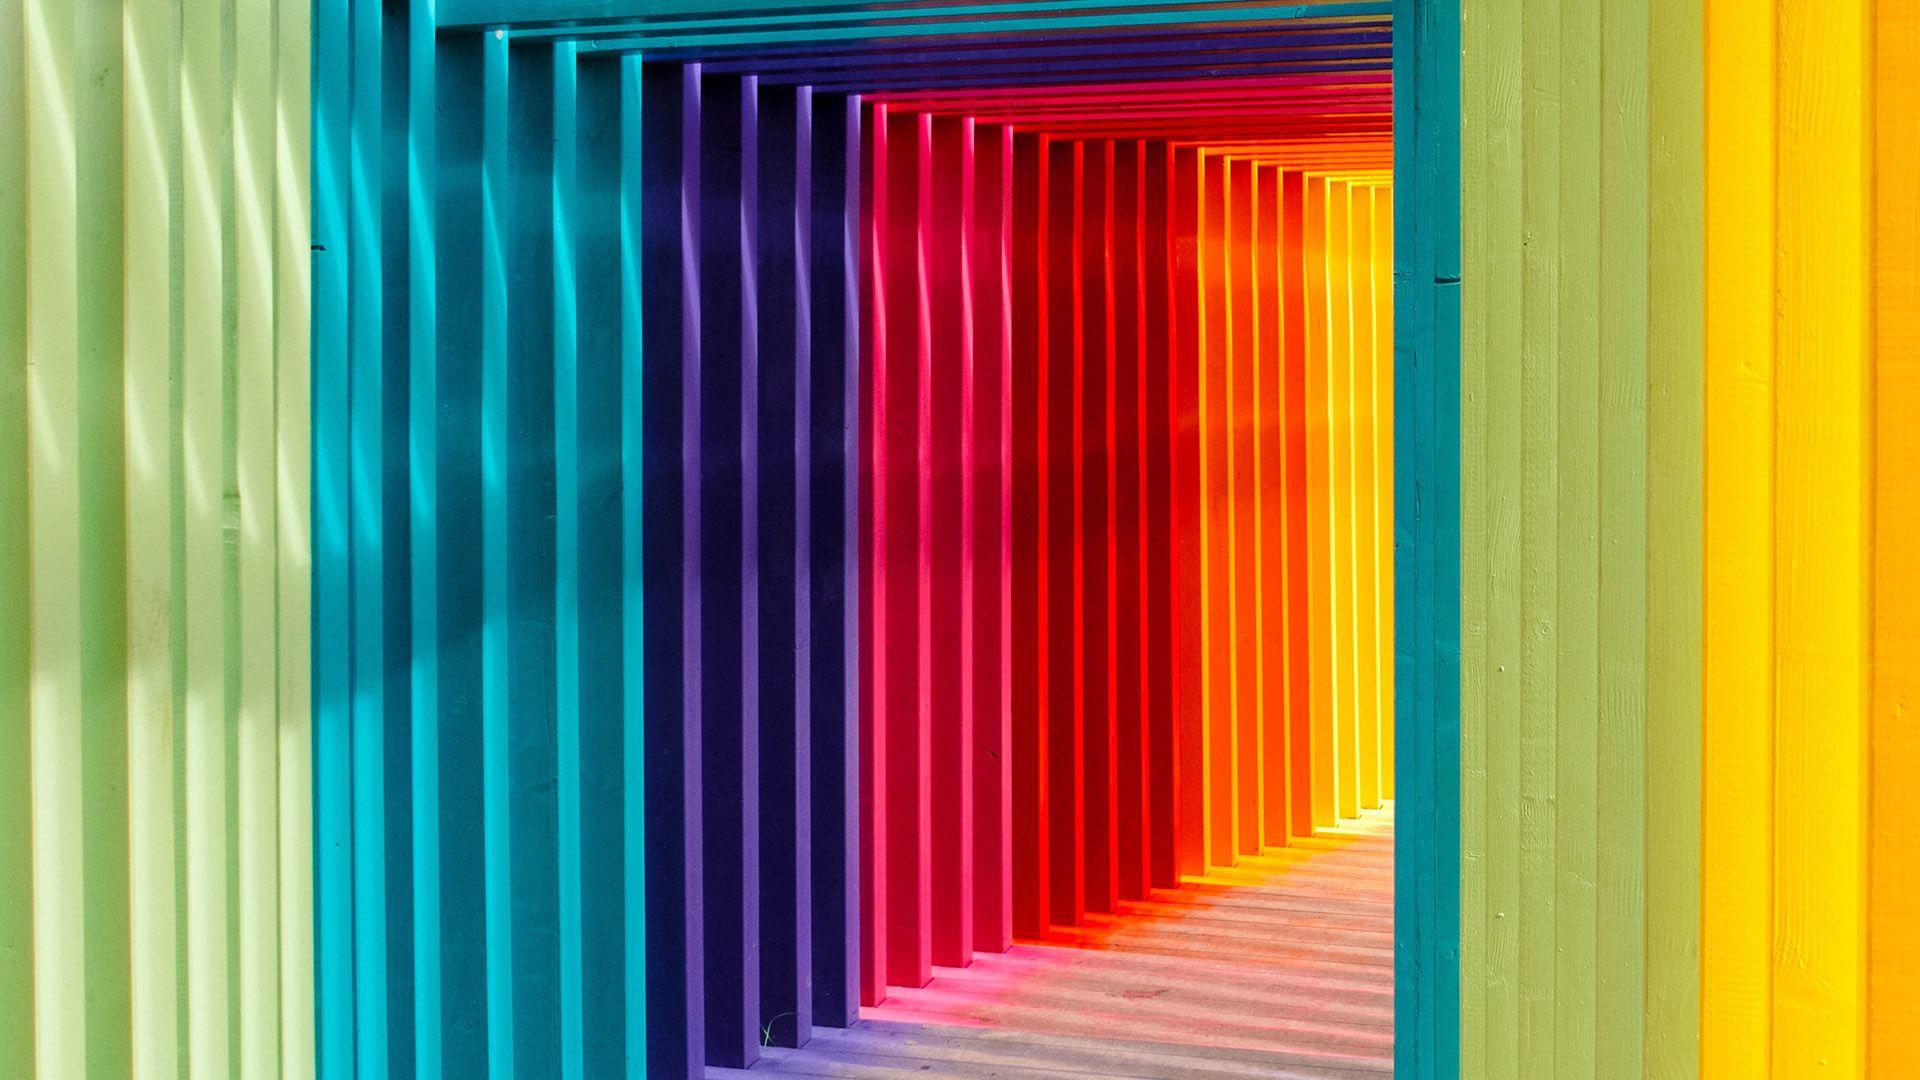 En firkantet tunell i regnbuens varger. Illustrasjon til sak om innholdsmarkedsførin for markedsføringsbyrået Elg.